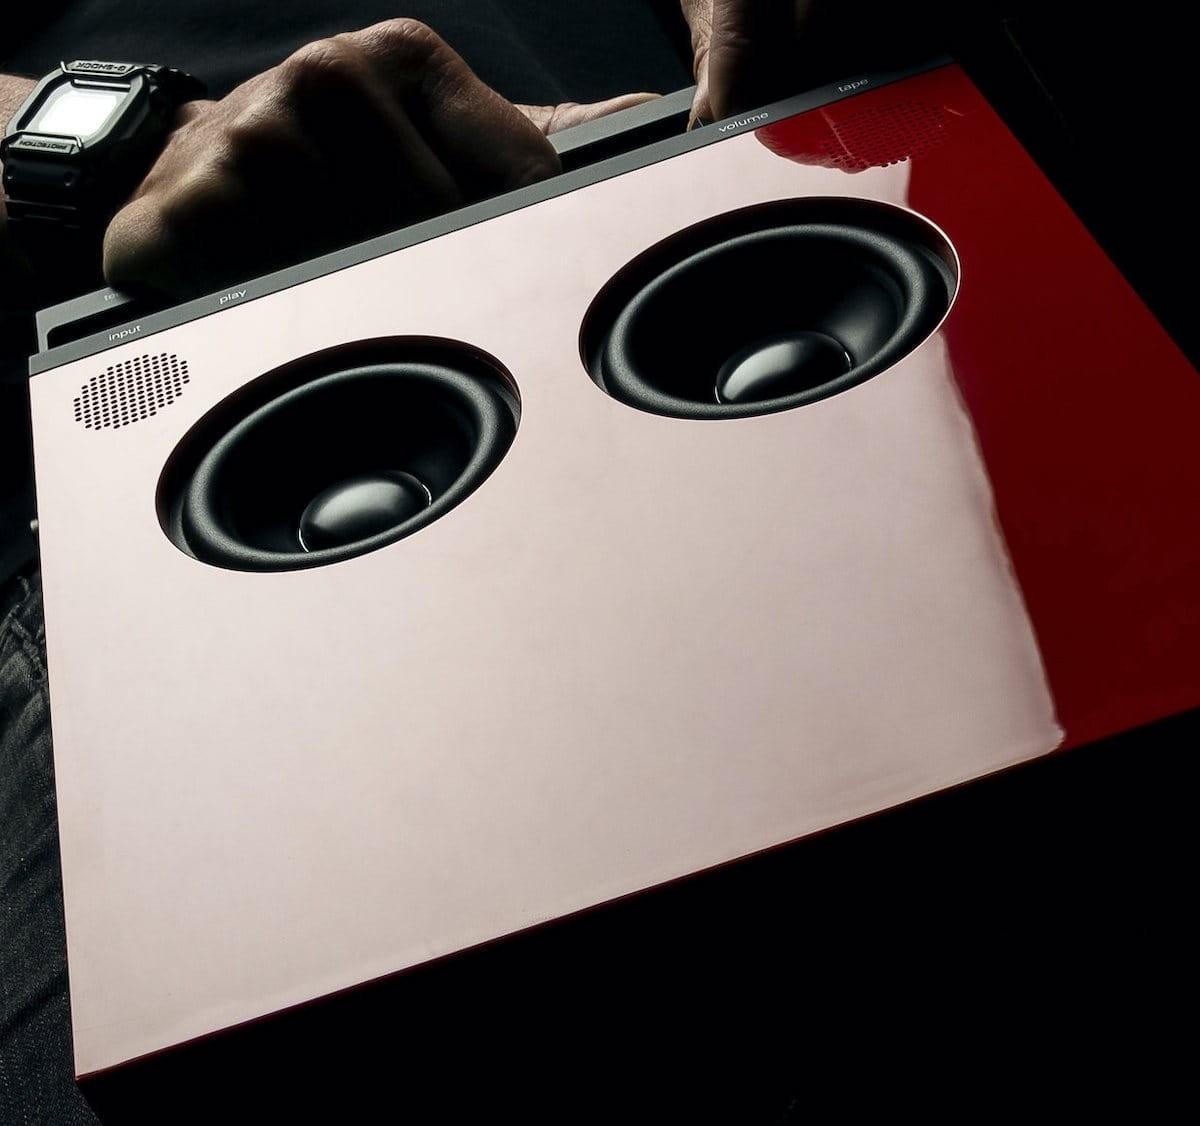 teenage engineering OB-4 magic radio is a portable high fidelity loudspeaker